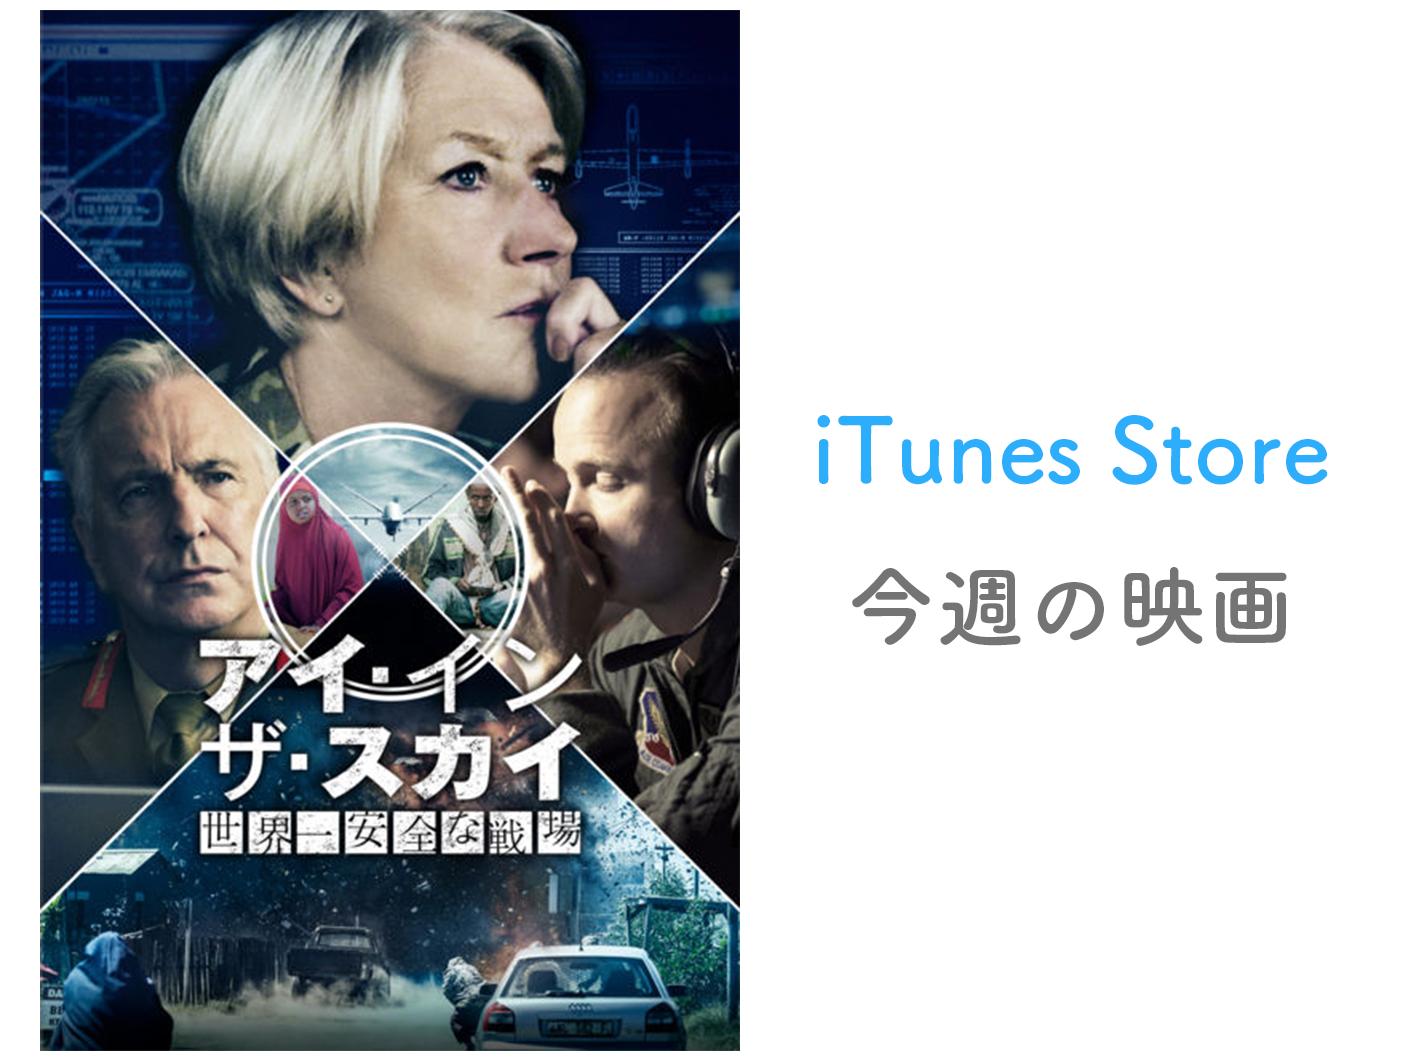 【レンタル100円】iTunes Store、「今週の映画」として「アイ・イン・ザ・スカイ 世界一安全な戦場」をピックアップ